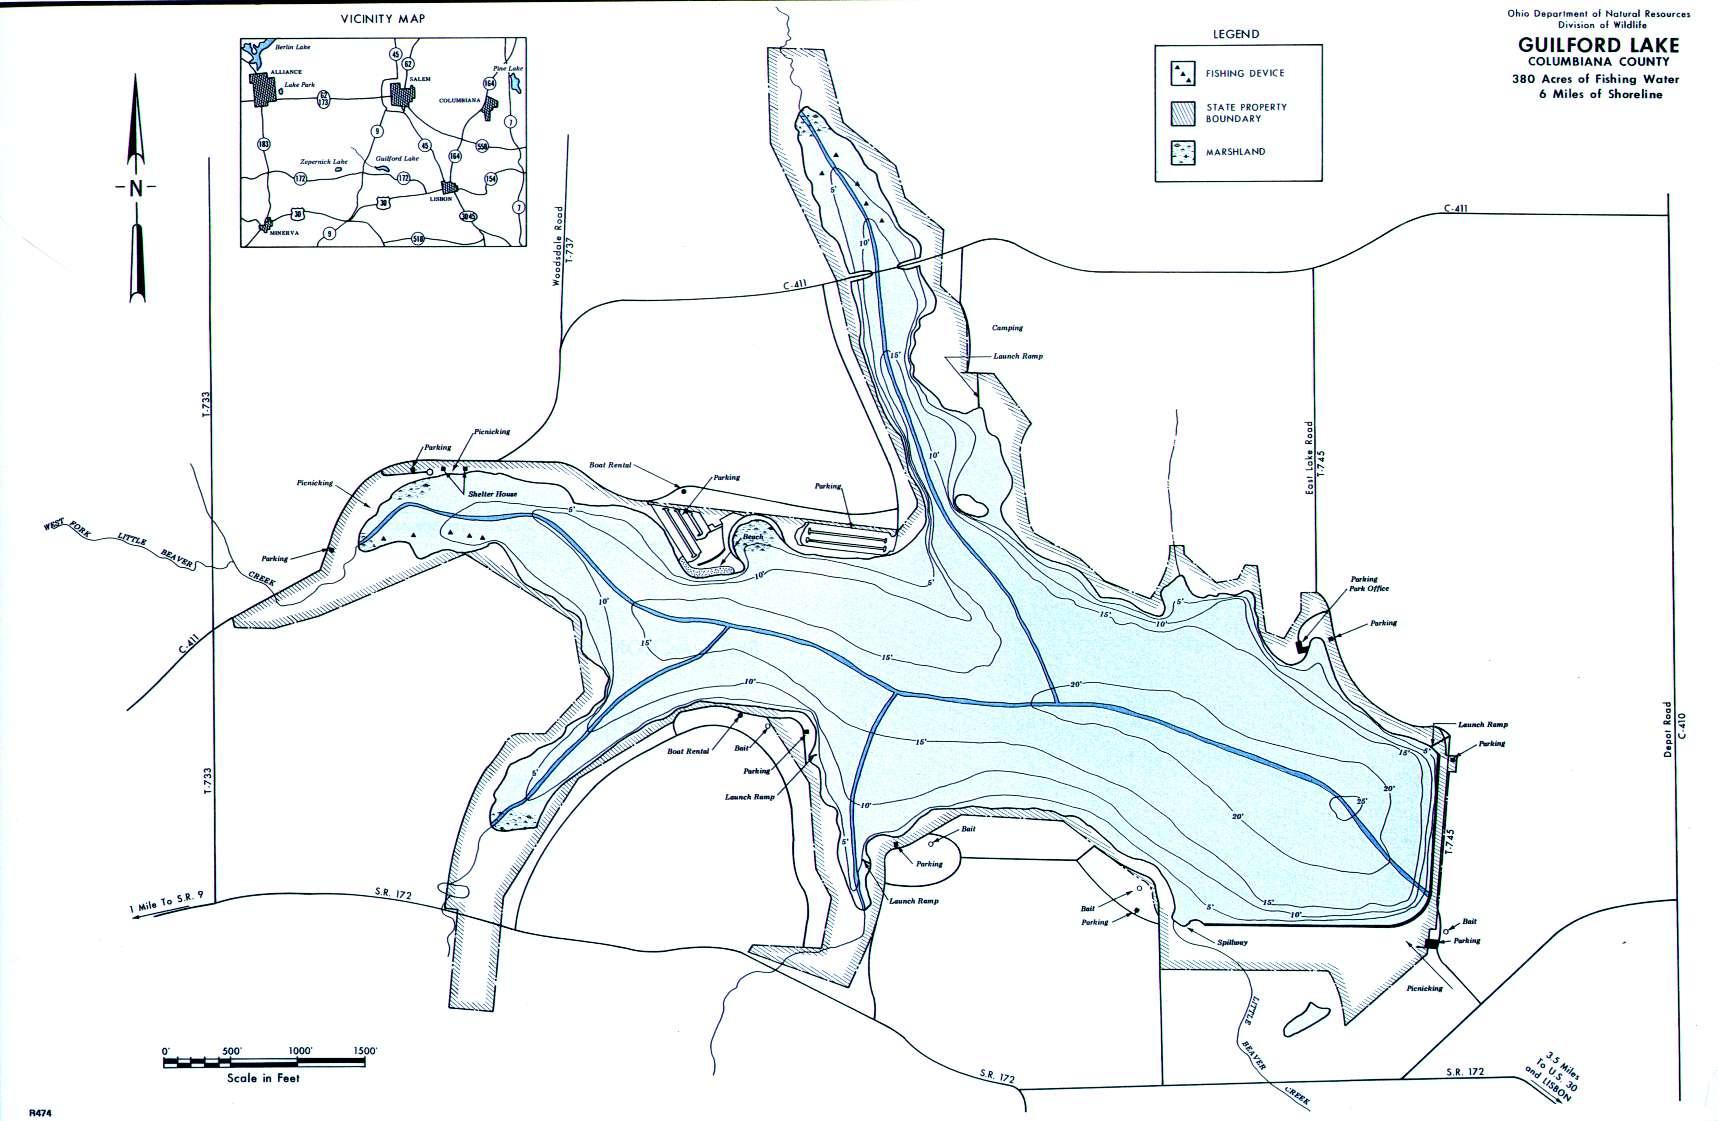 Guilford Lake Fishing Map - GoFishOhio